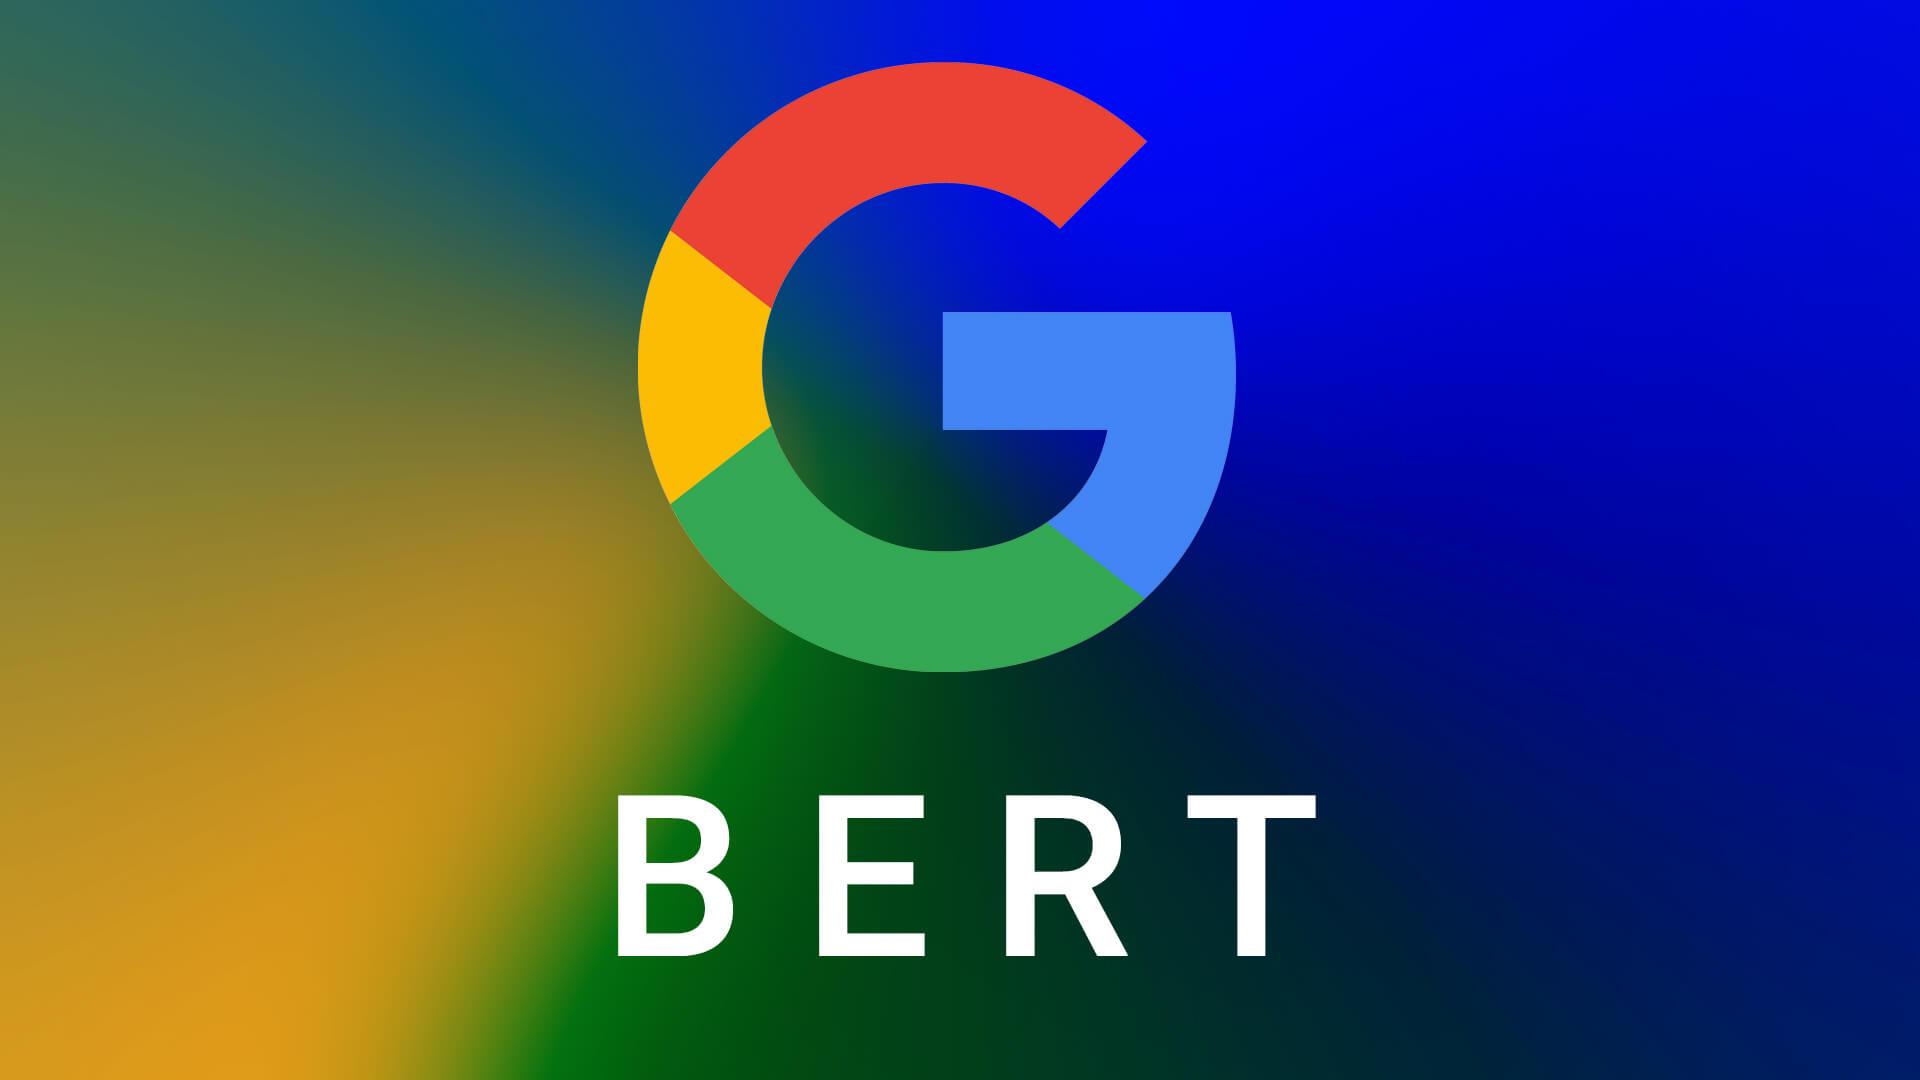 L'indexation des passages par Google pourrait-elle tirer parti de BERT ?